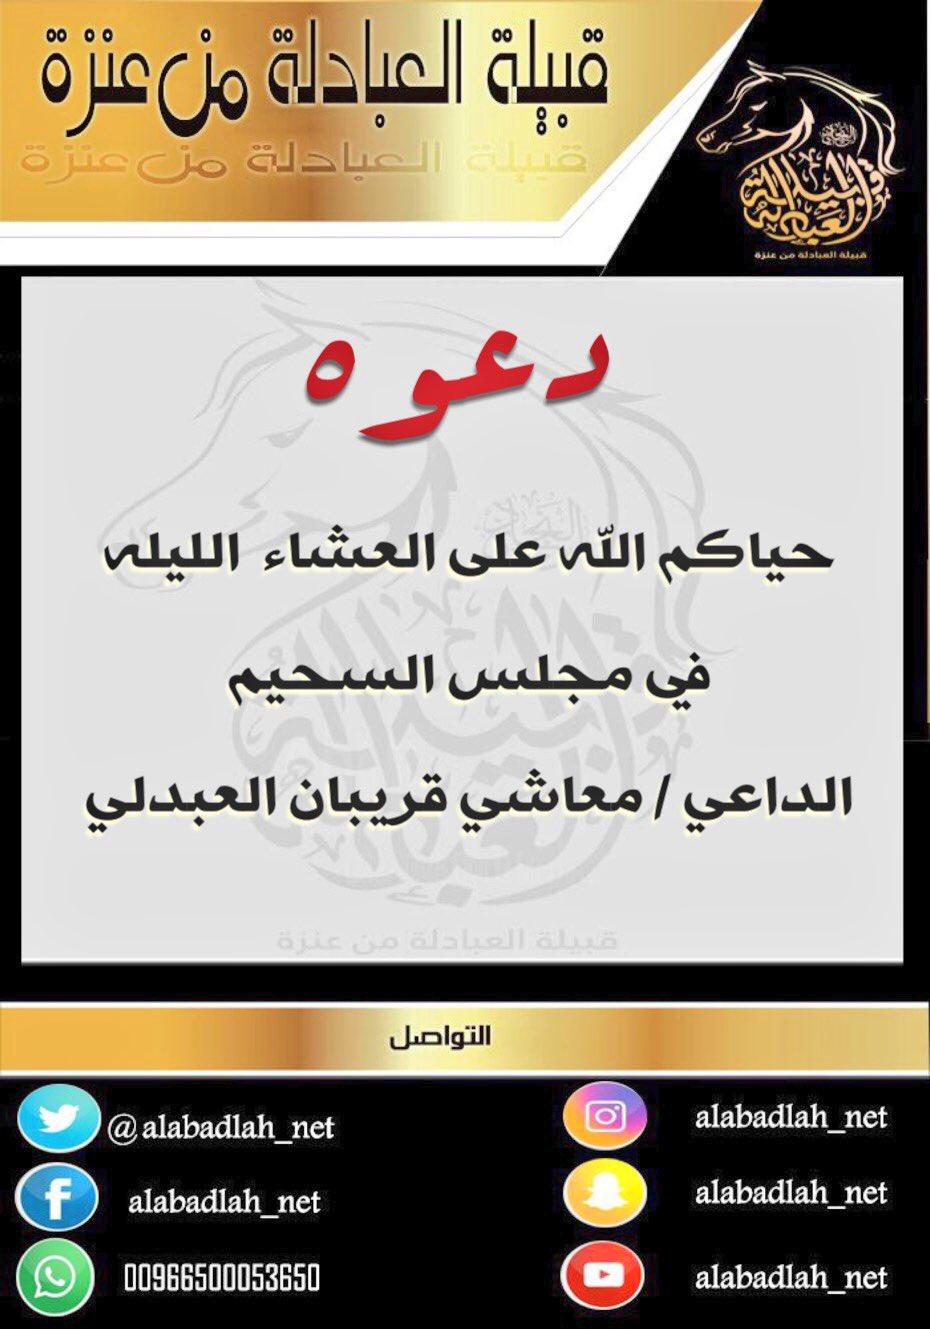 النجادي On Twitter حياكم الله على العشاء الليله في مجلس السحيم الداعي معاشي قريبان العبدلي